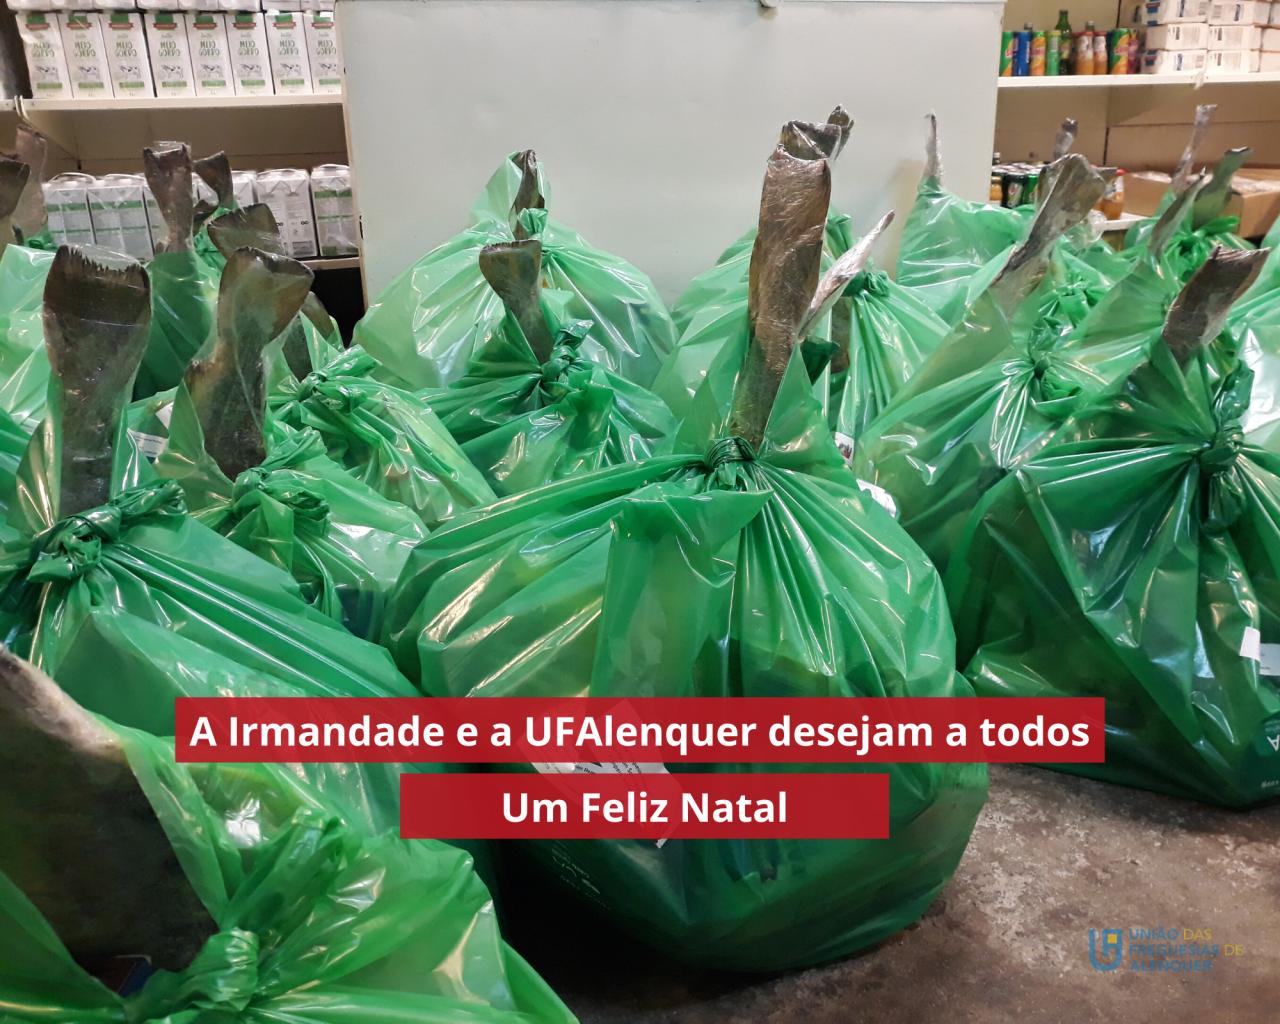 UFAlenquer e Irmandade ajudam famílias da Freguesia